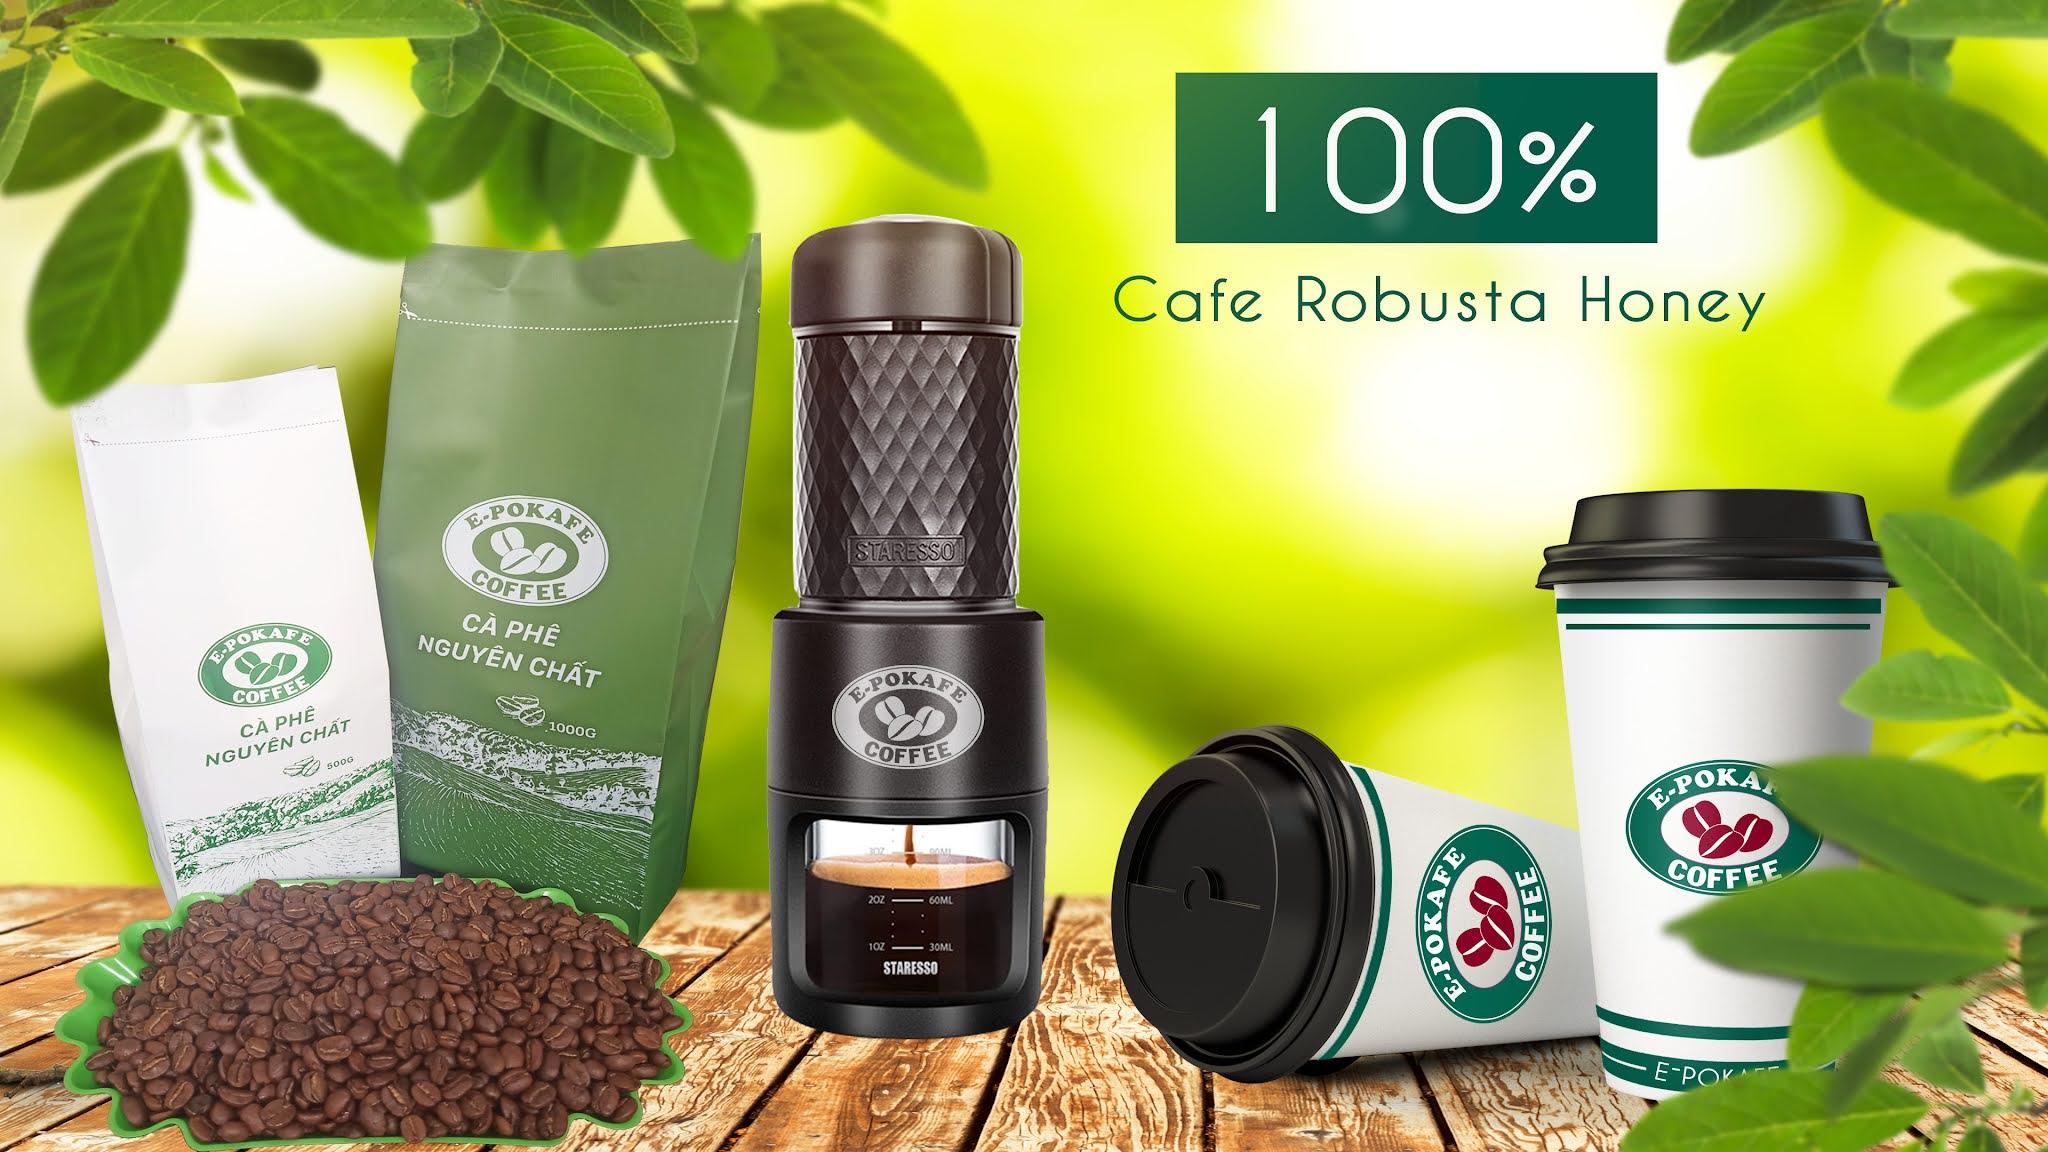 Cafe rang xay, cafe nguyên chất, cafe pha máy, cafe pha phin, cafe giá rẻ, Cafe chất lượng cao, Cafe ngon, cafe đậm đắng, Robusta đắklắk, Robust honey